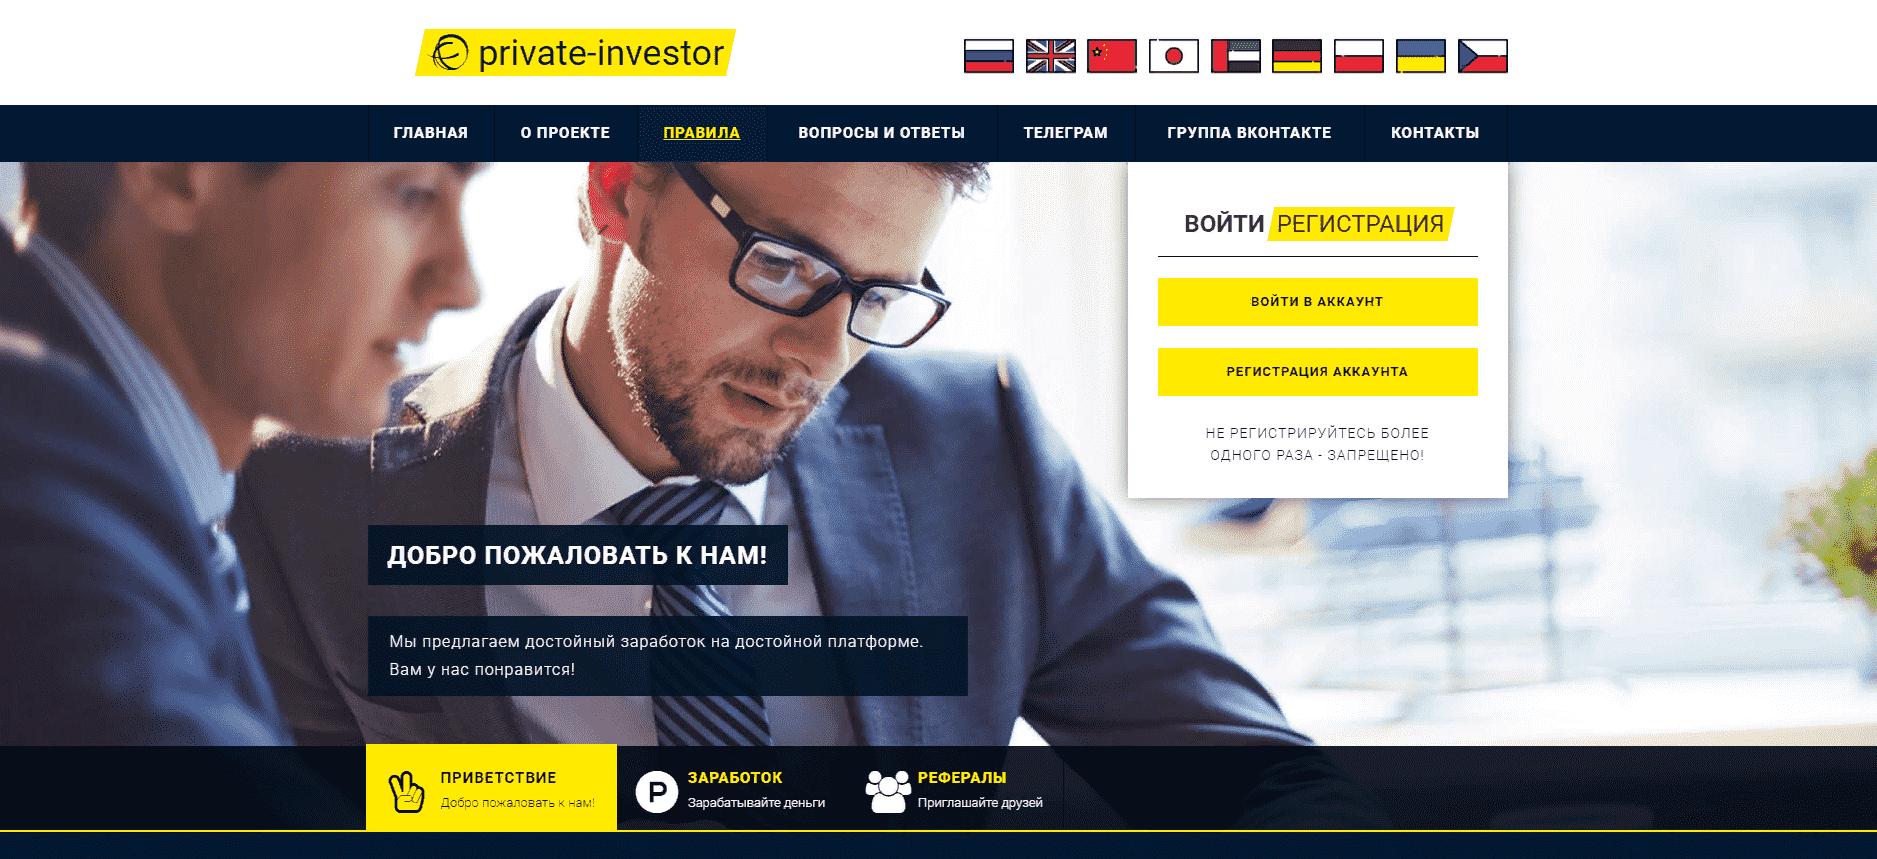 private-investor